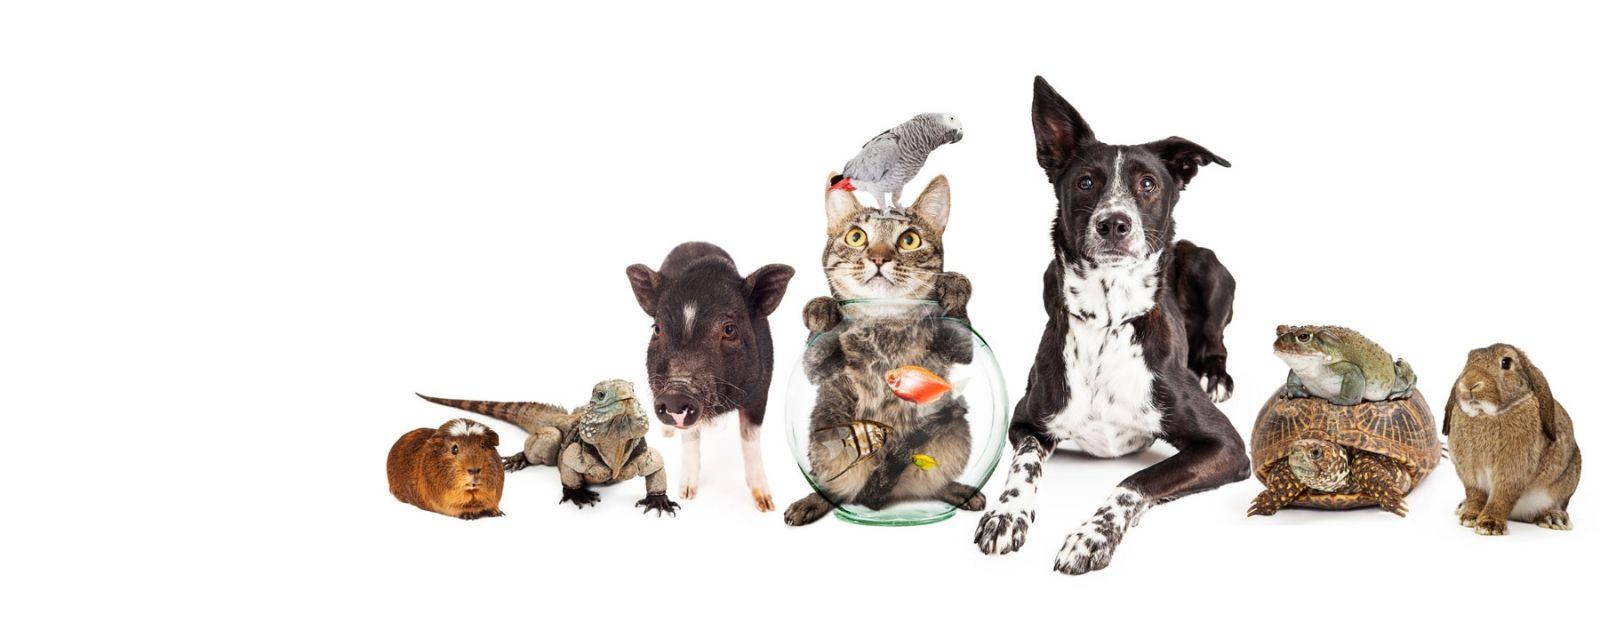 Country Veterinary Clinic - Yuba City Veterinarian